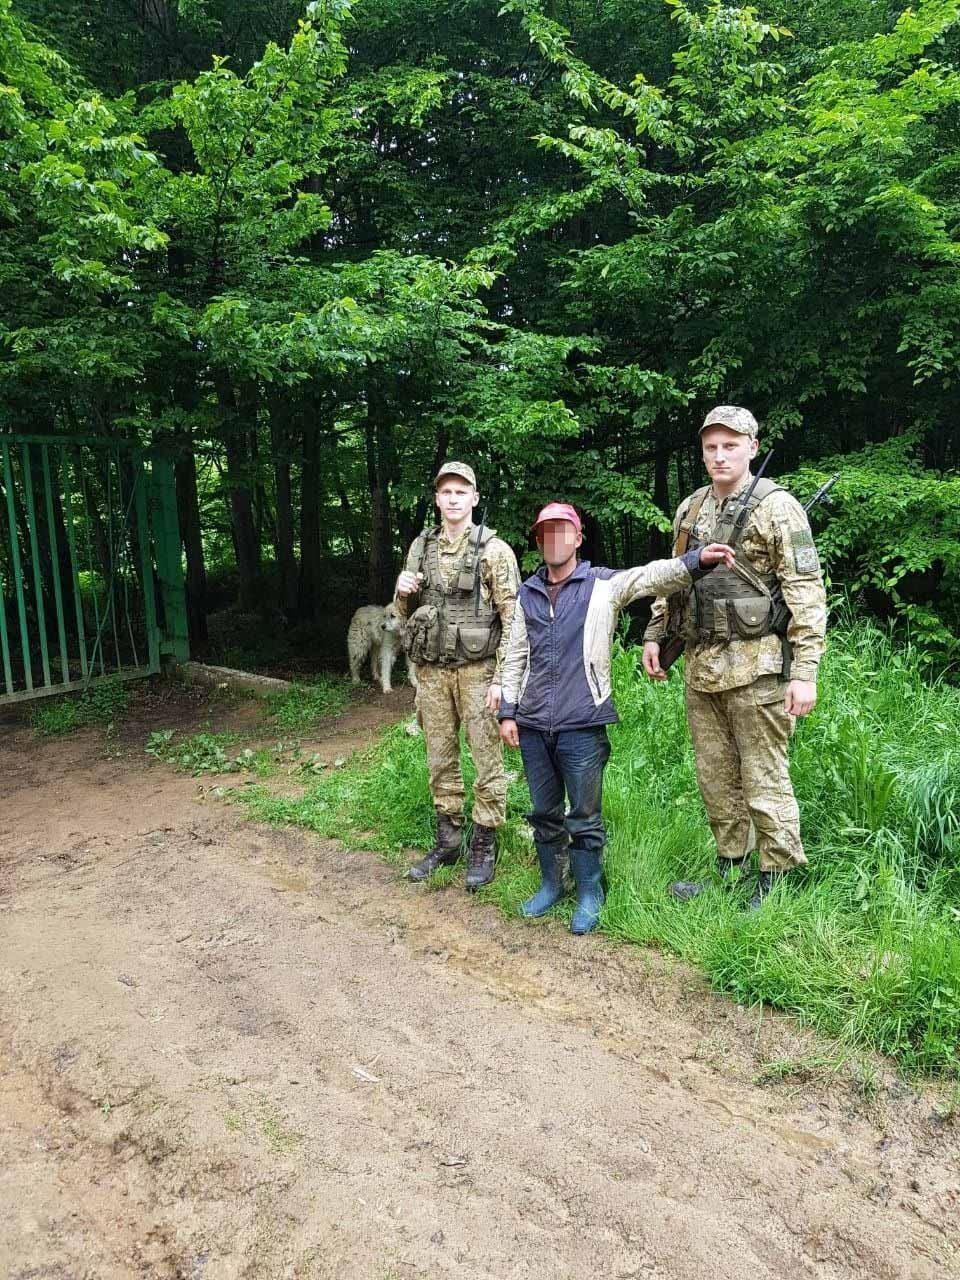 Пастух з отарою овець із Румунії випадково перетнув кордон України (ФОТО)